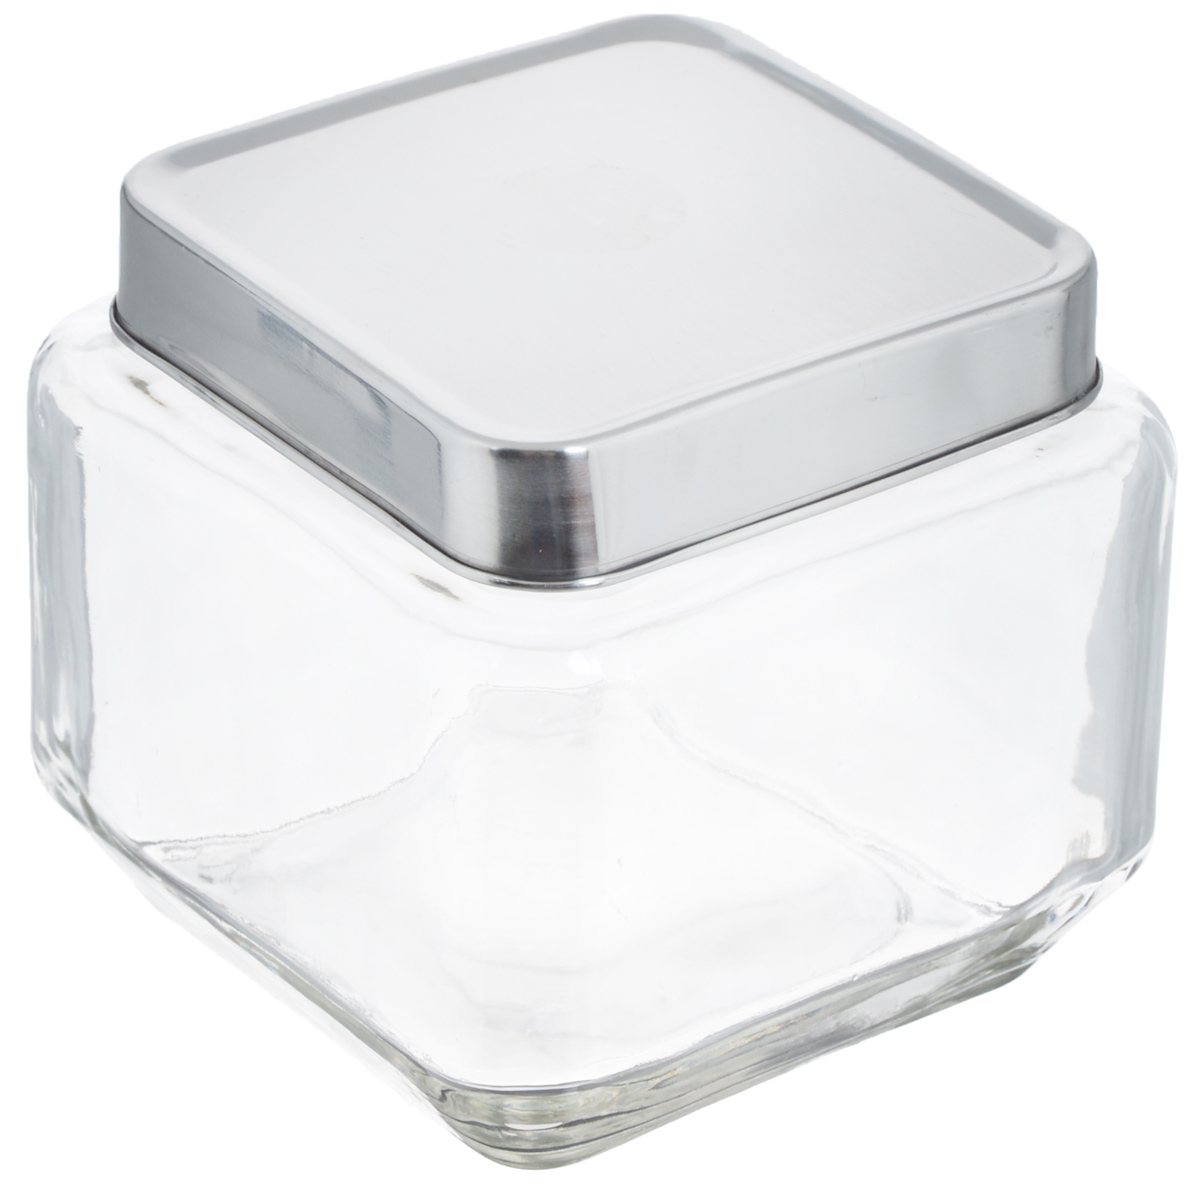 Банка для хранения Zeller, 700 мл19906Банка Zeller, изготовленная из прочного стекла, снабженаметаллической крышкой, которая плотно и герметичнозакрывается, дольше сохраняя аромат и свежесть содержимого.Изделие подходит для хранения сыпучих продуктов: круп, чая,специй, орехов, сахара и многого другого. Функциональная ивместительная, такая банка станет незаменимым аксессуаромна любой кухне.Размер банки (с учетом крышки): 10,5 х 10,5 х 10,5 см.